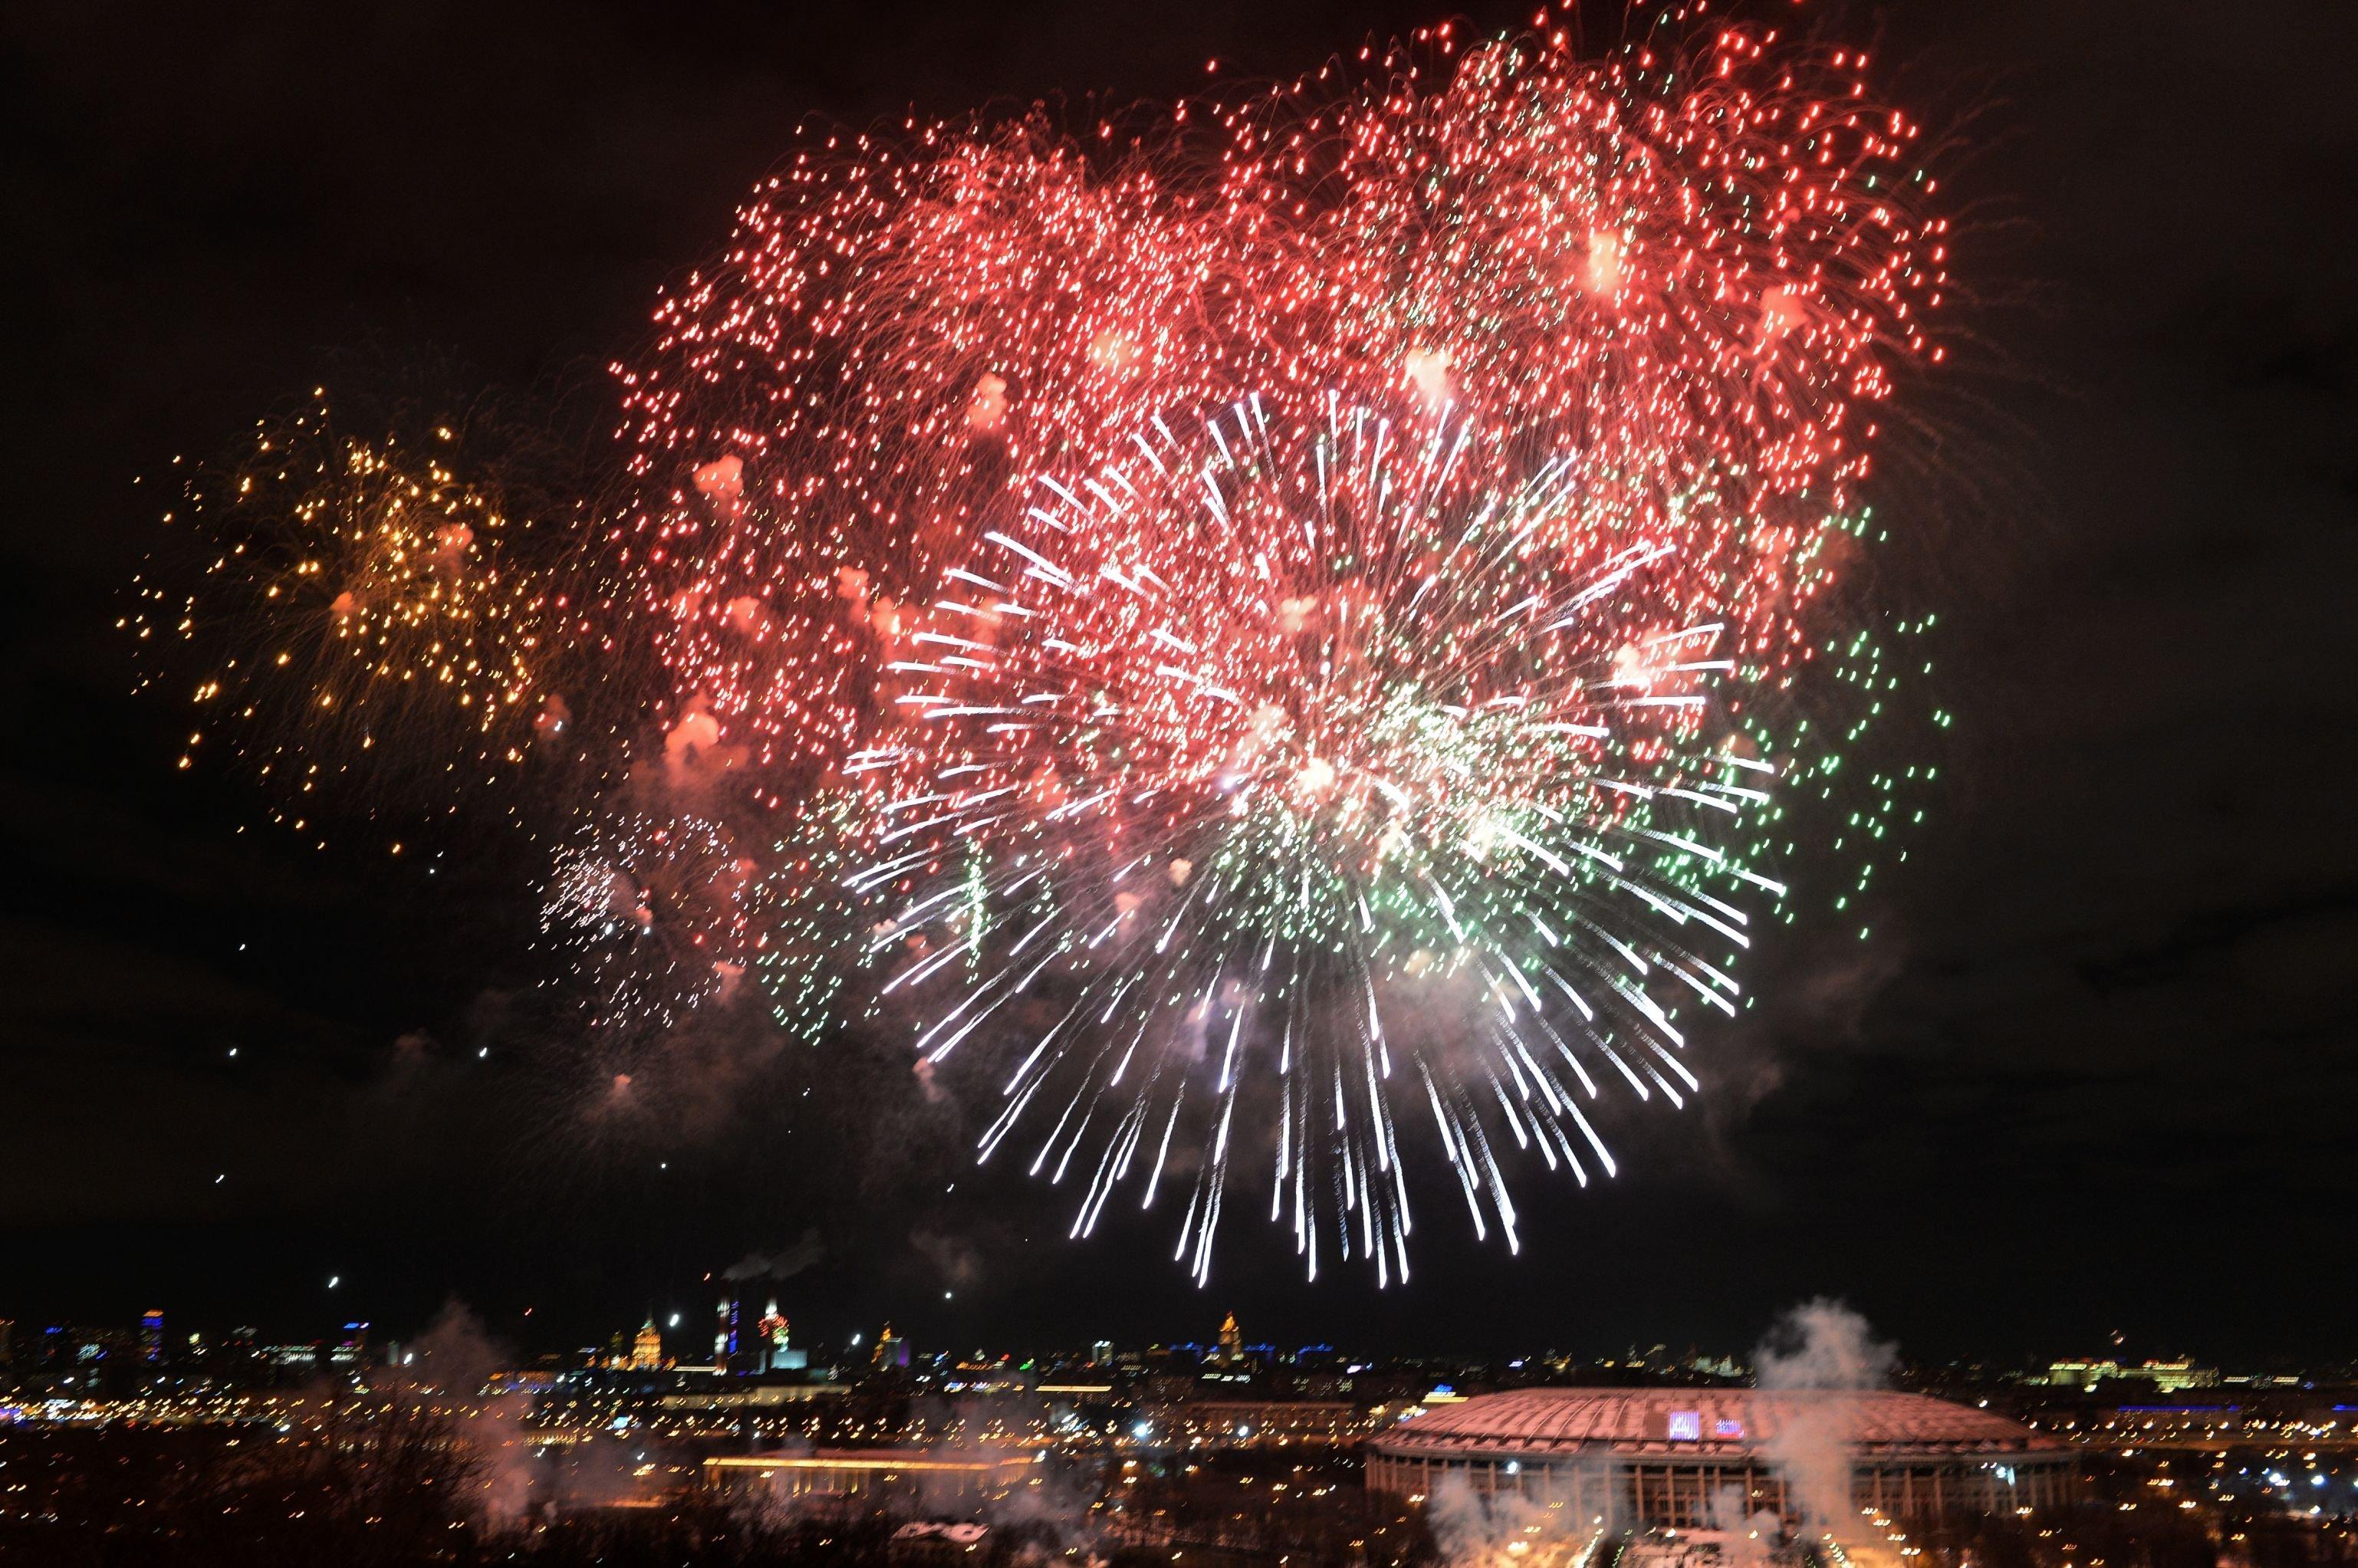 Fogos de artifício marcando o Dia do Defensor da Pátria, em 23 de fevereiro